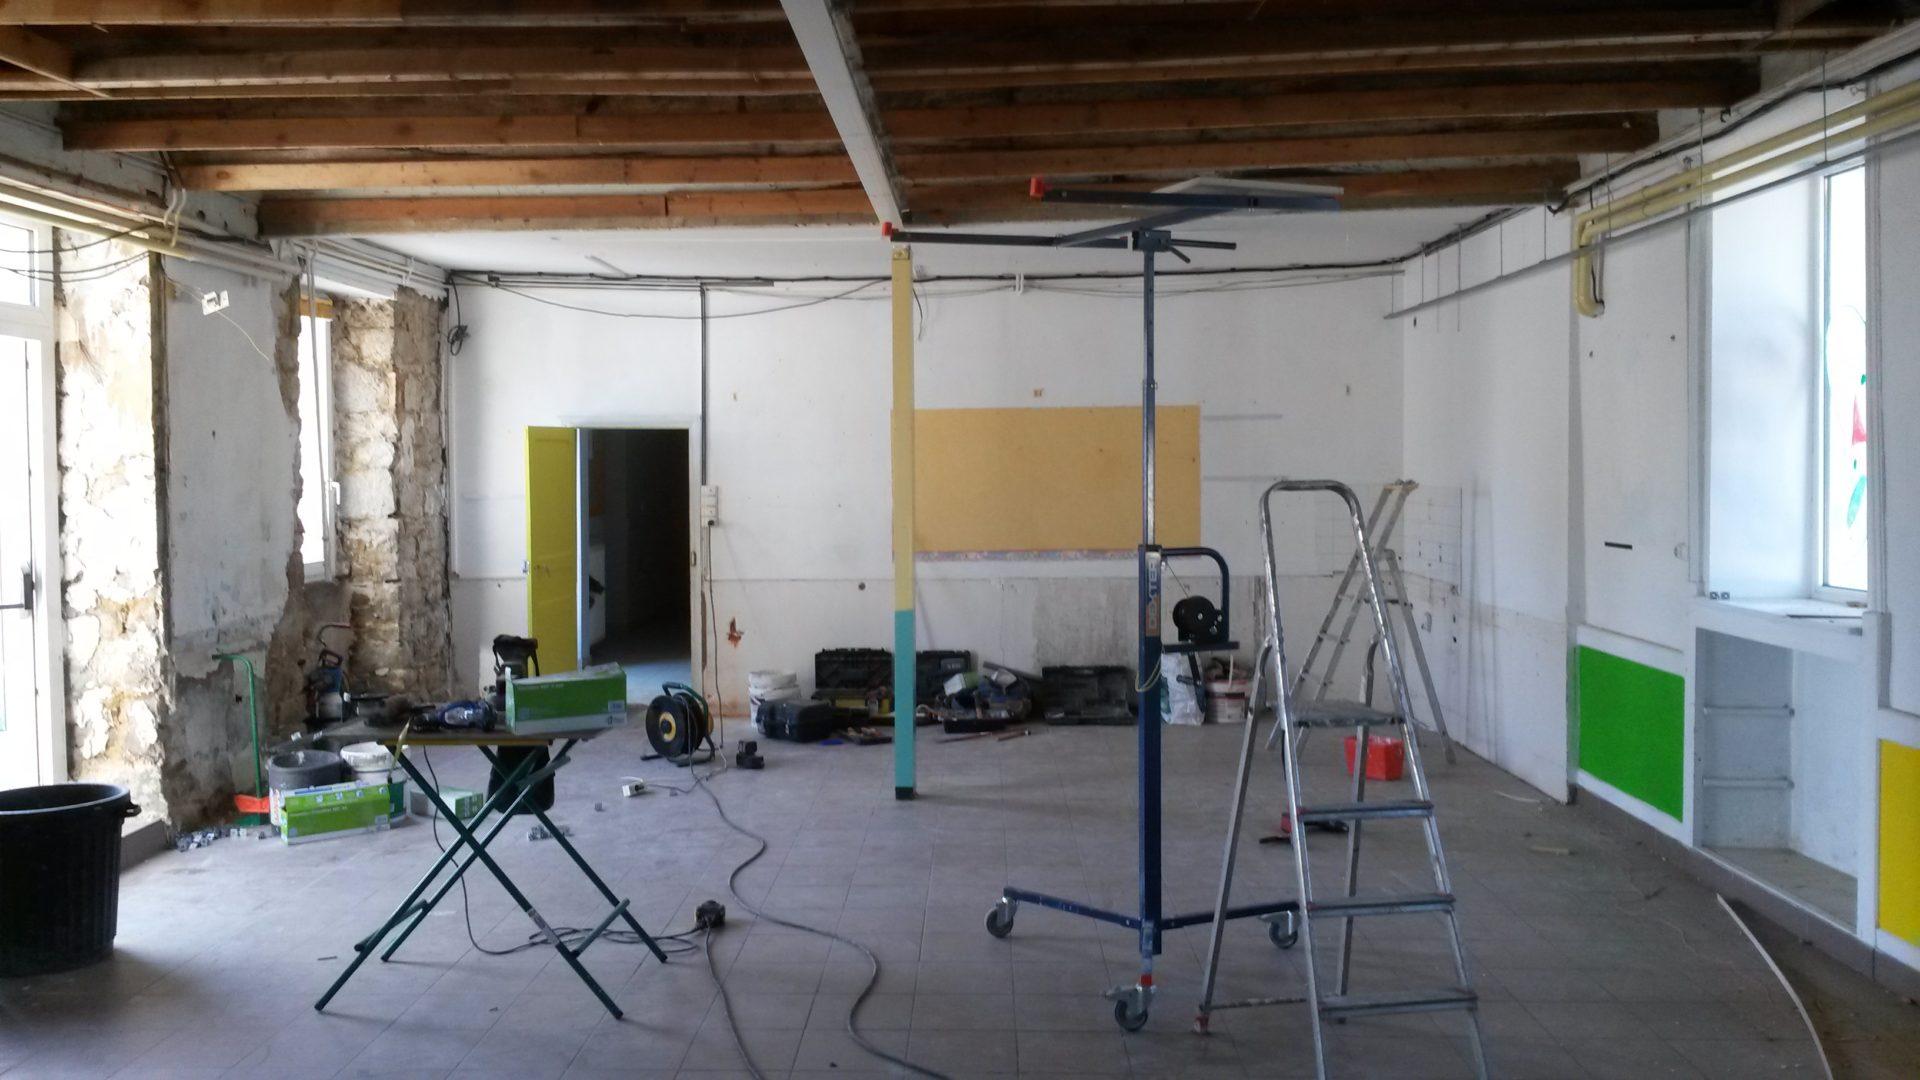 rénovation salle de classe avant (1)